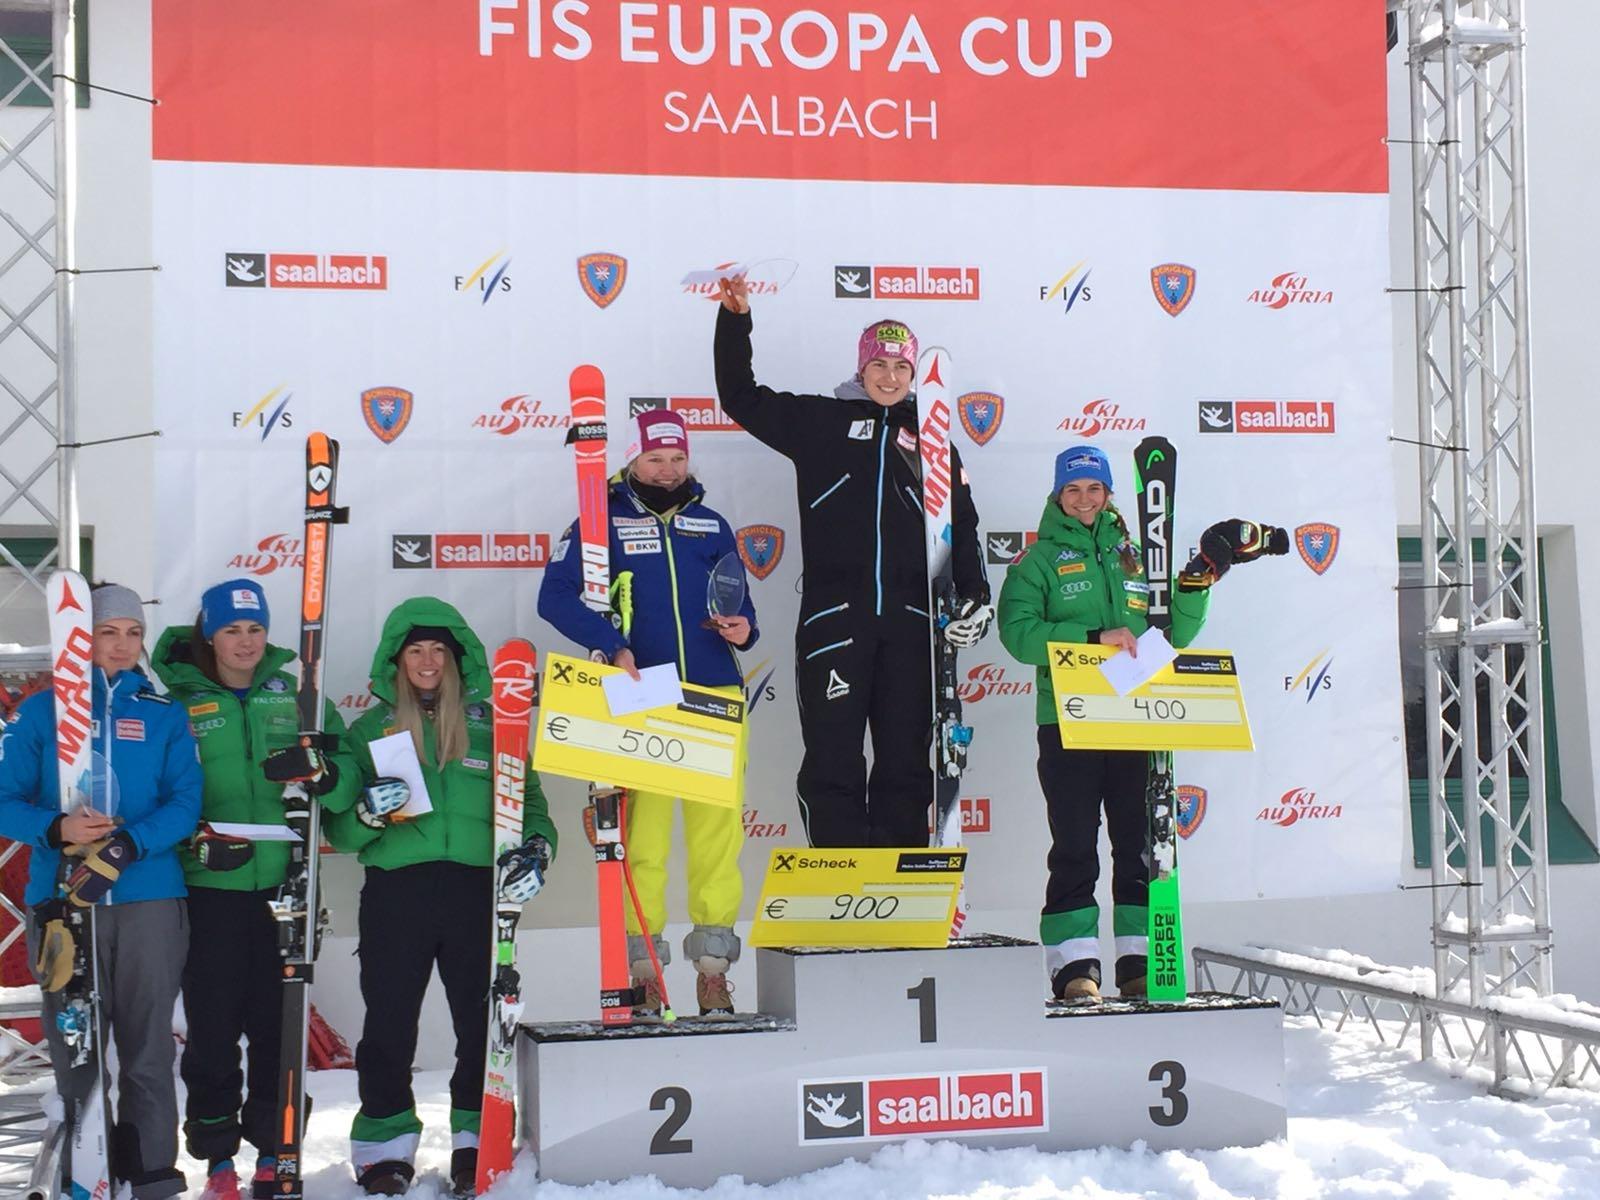 Tempo di premiazioni a Saalbach: sul terzo gradino del podio della seconda discesa Laura Pirovano. A sinistra si notano Nicol Delago, quinta, e Roberta Melesi, quarta